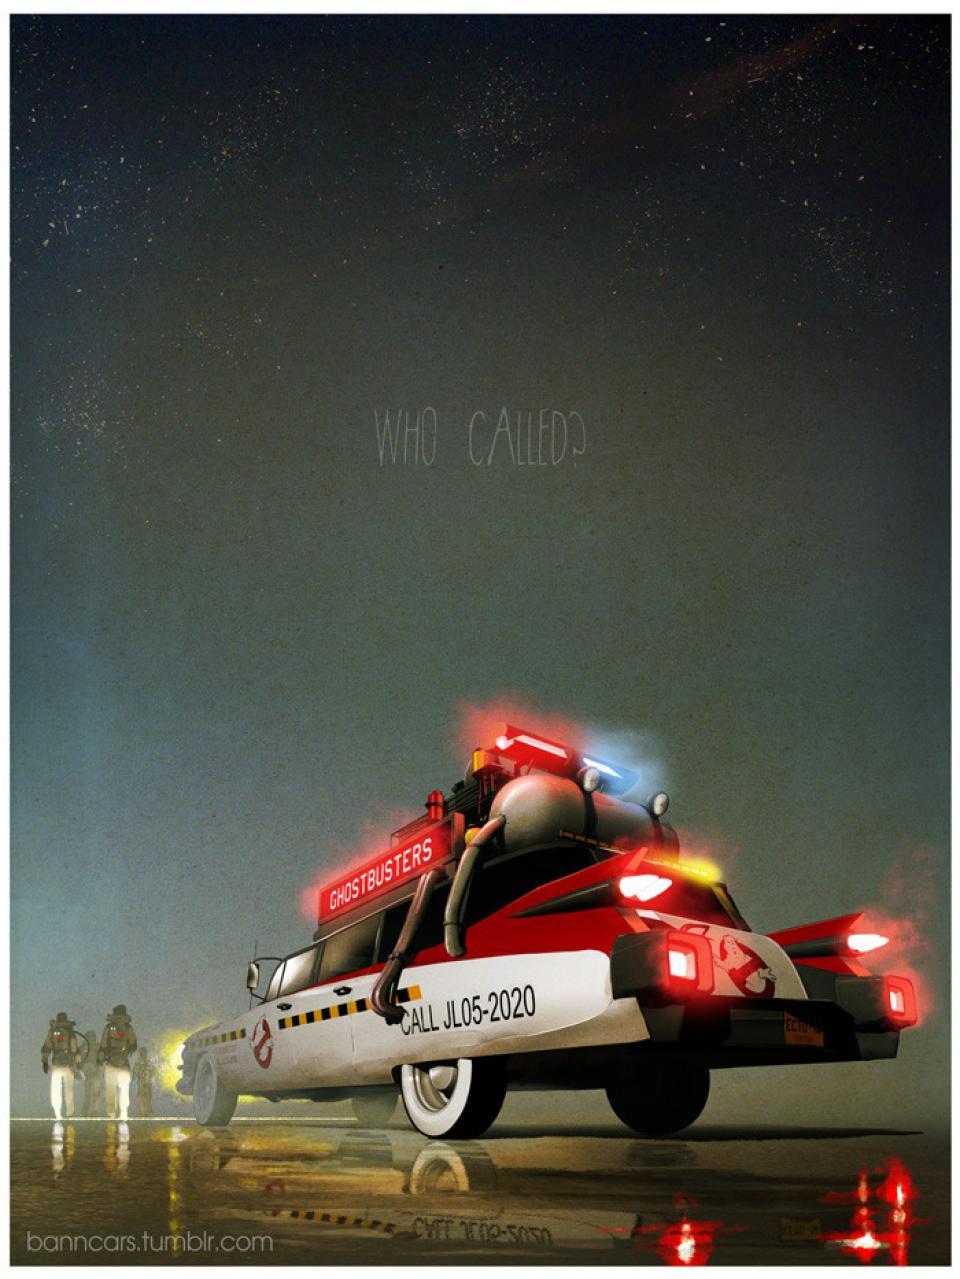 Cartazes de carros e veículos famosos da TV, filmes e videogames